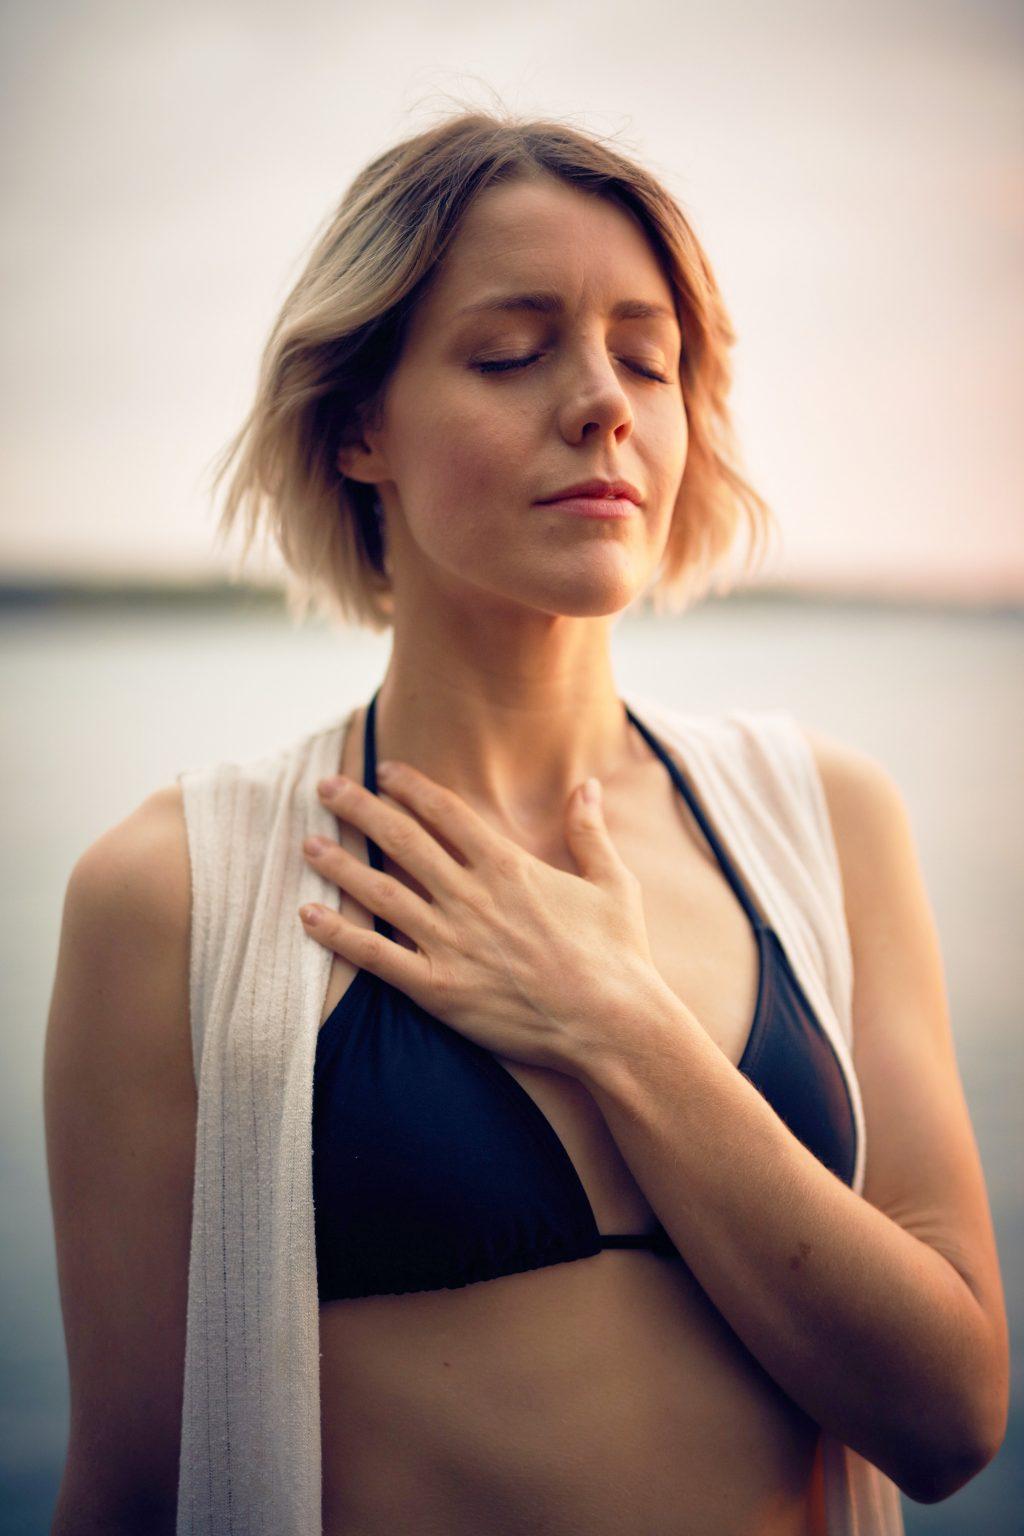 Nhảy dây cải thiện sức khỏe tim mạch